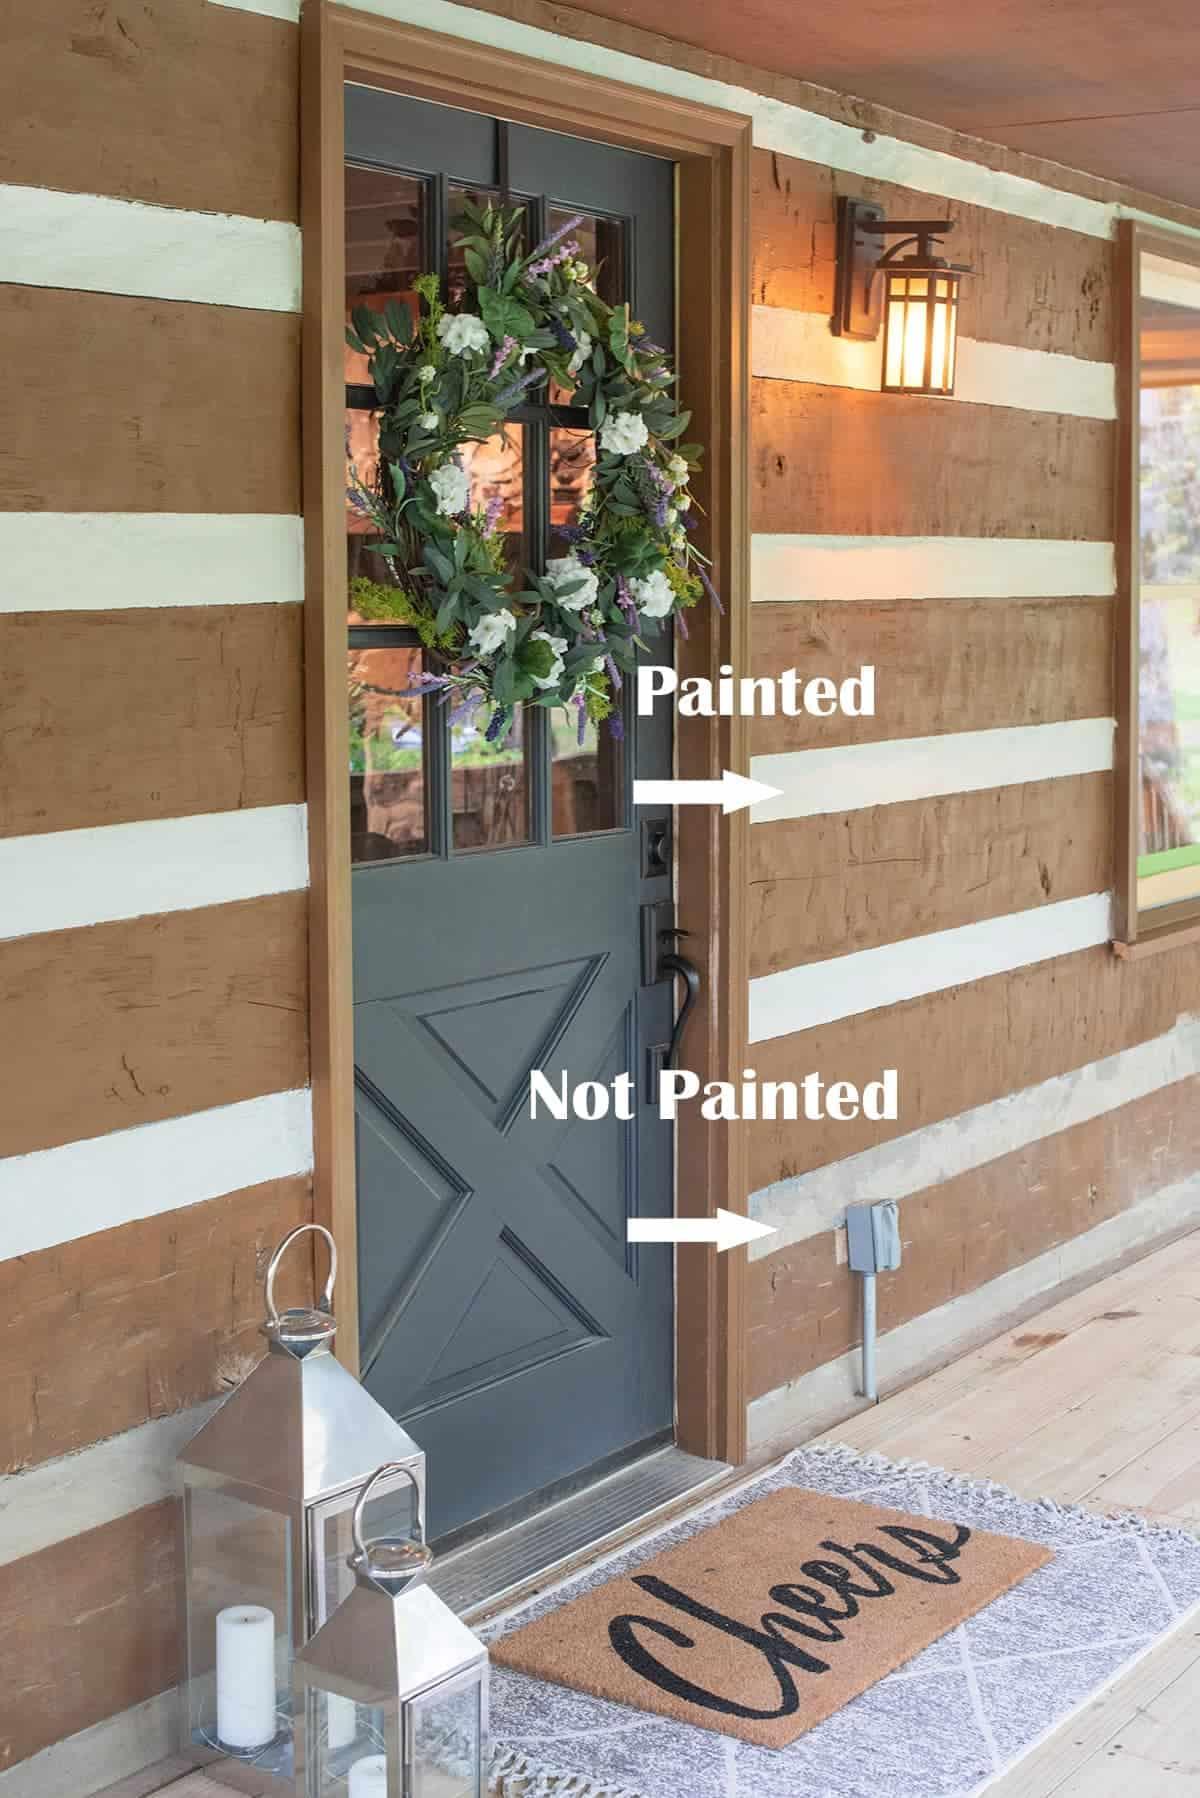 Paint vs unpainted exterior mortar